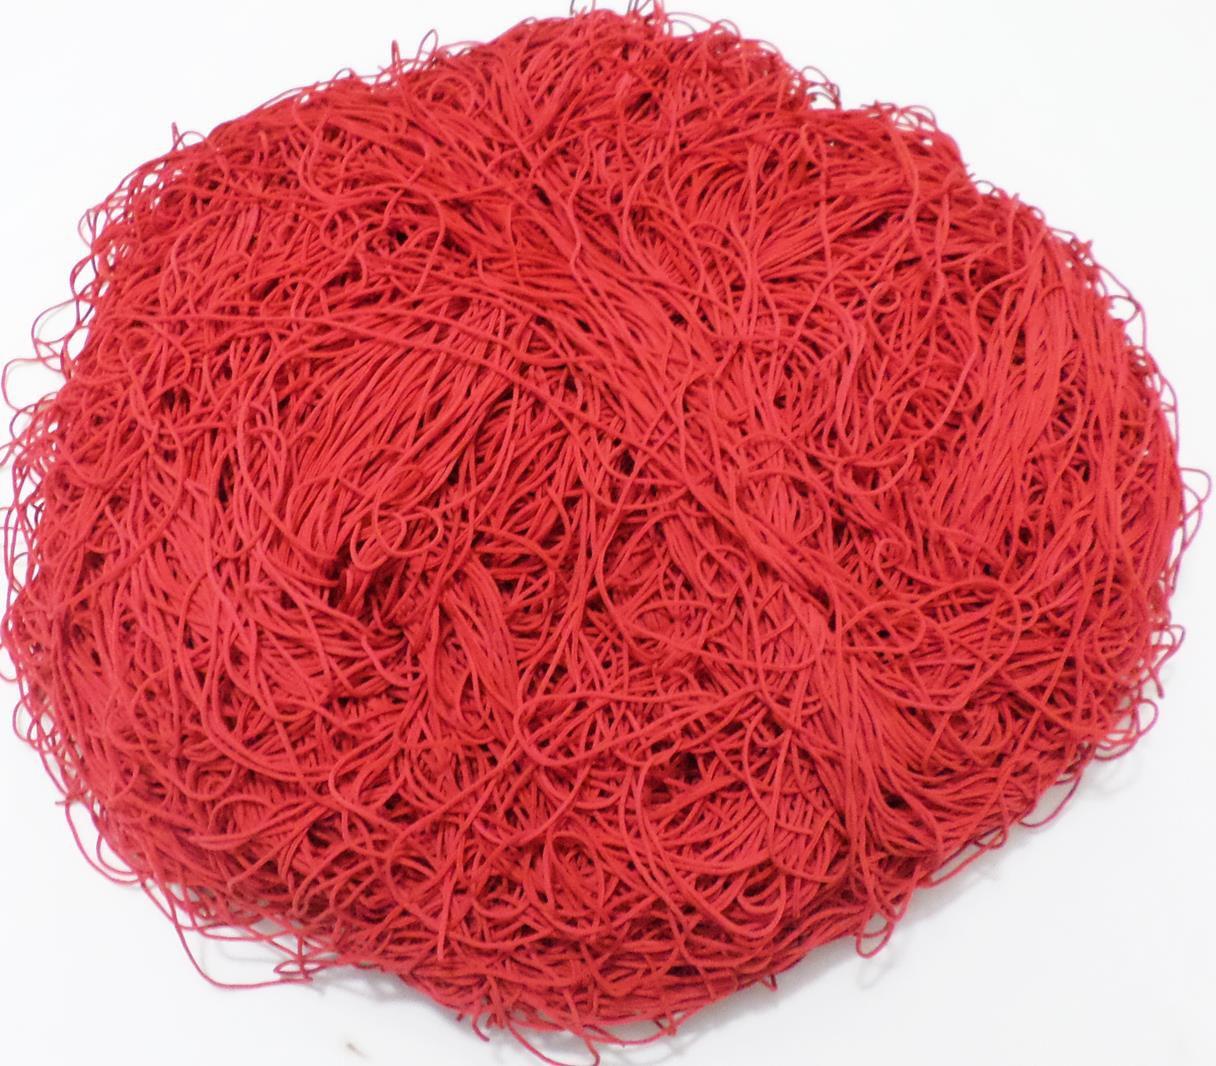 Tira de Macarrão/Espaguete 990g Vermelho